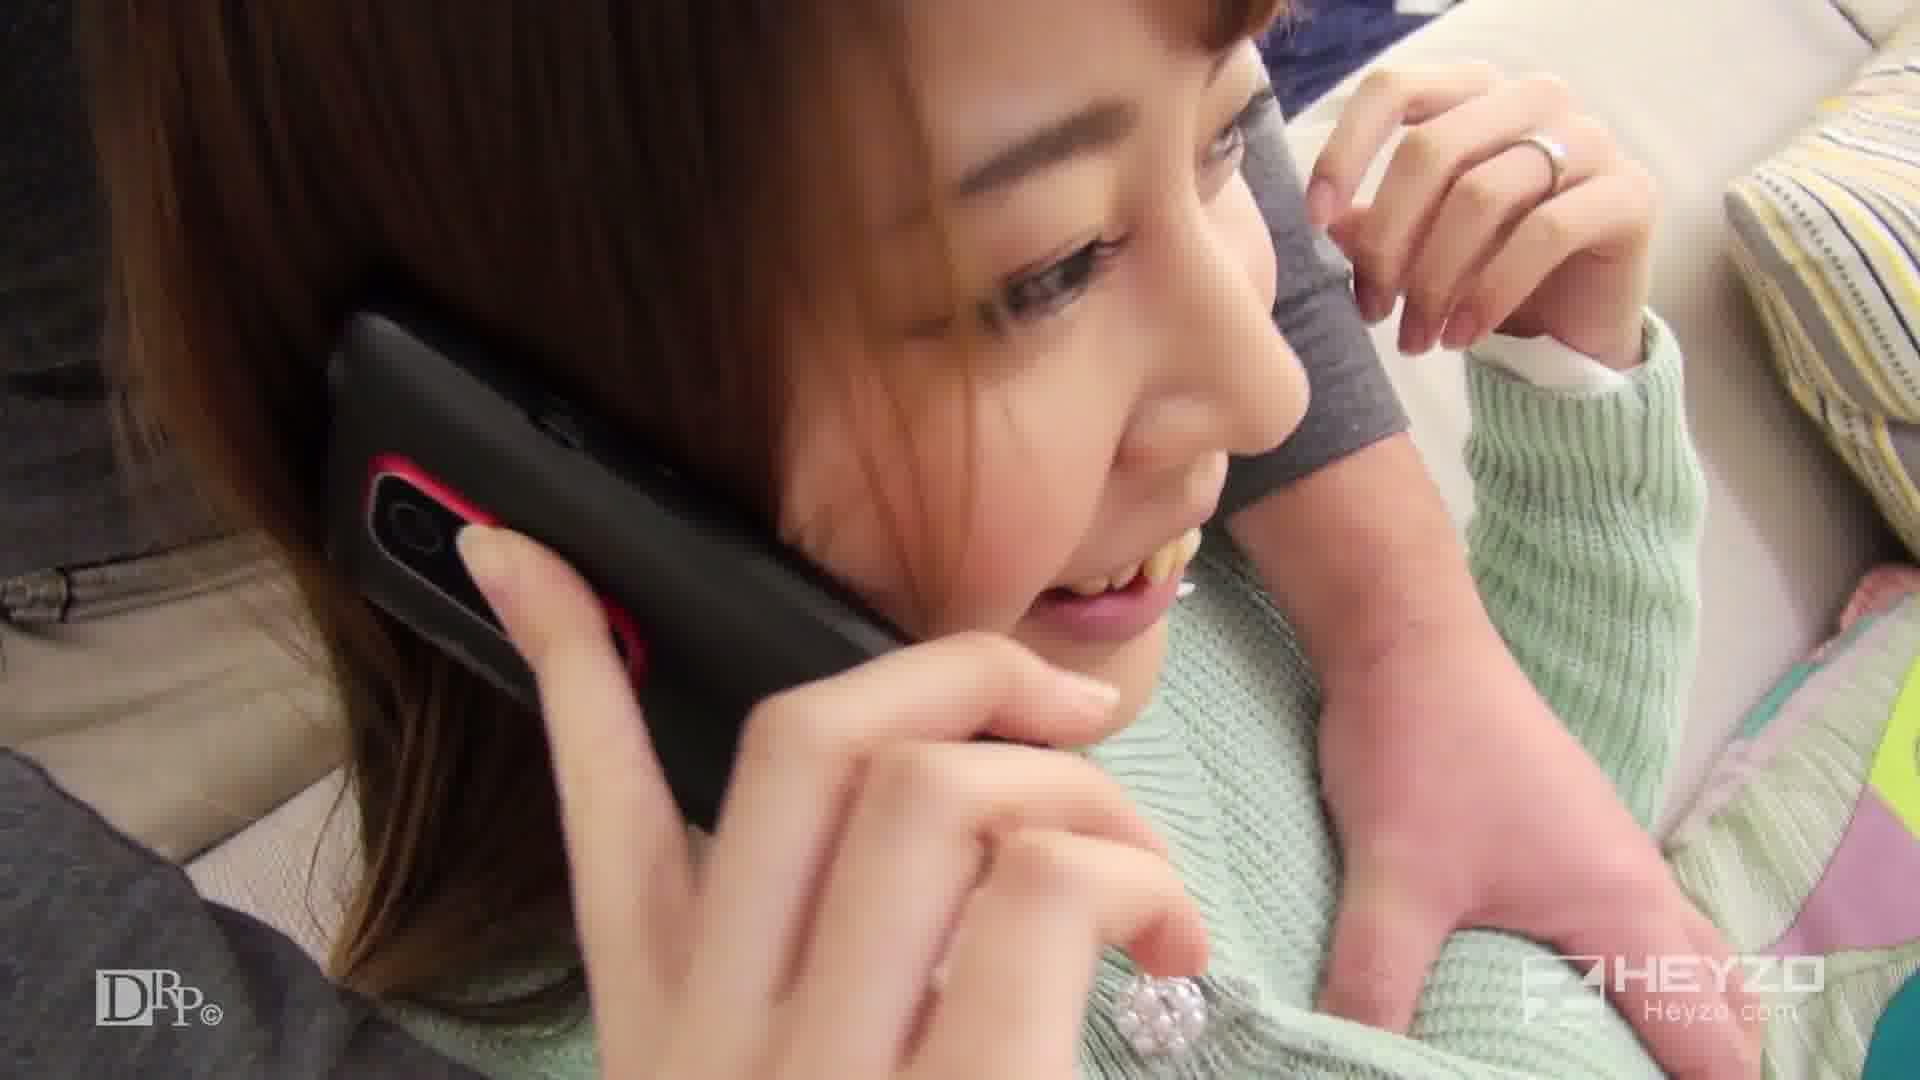 電話しながらヤラれちゃった若妻 - 佐山渚【旦那と電話 クンニ クリ】